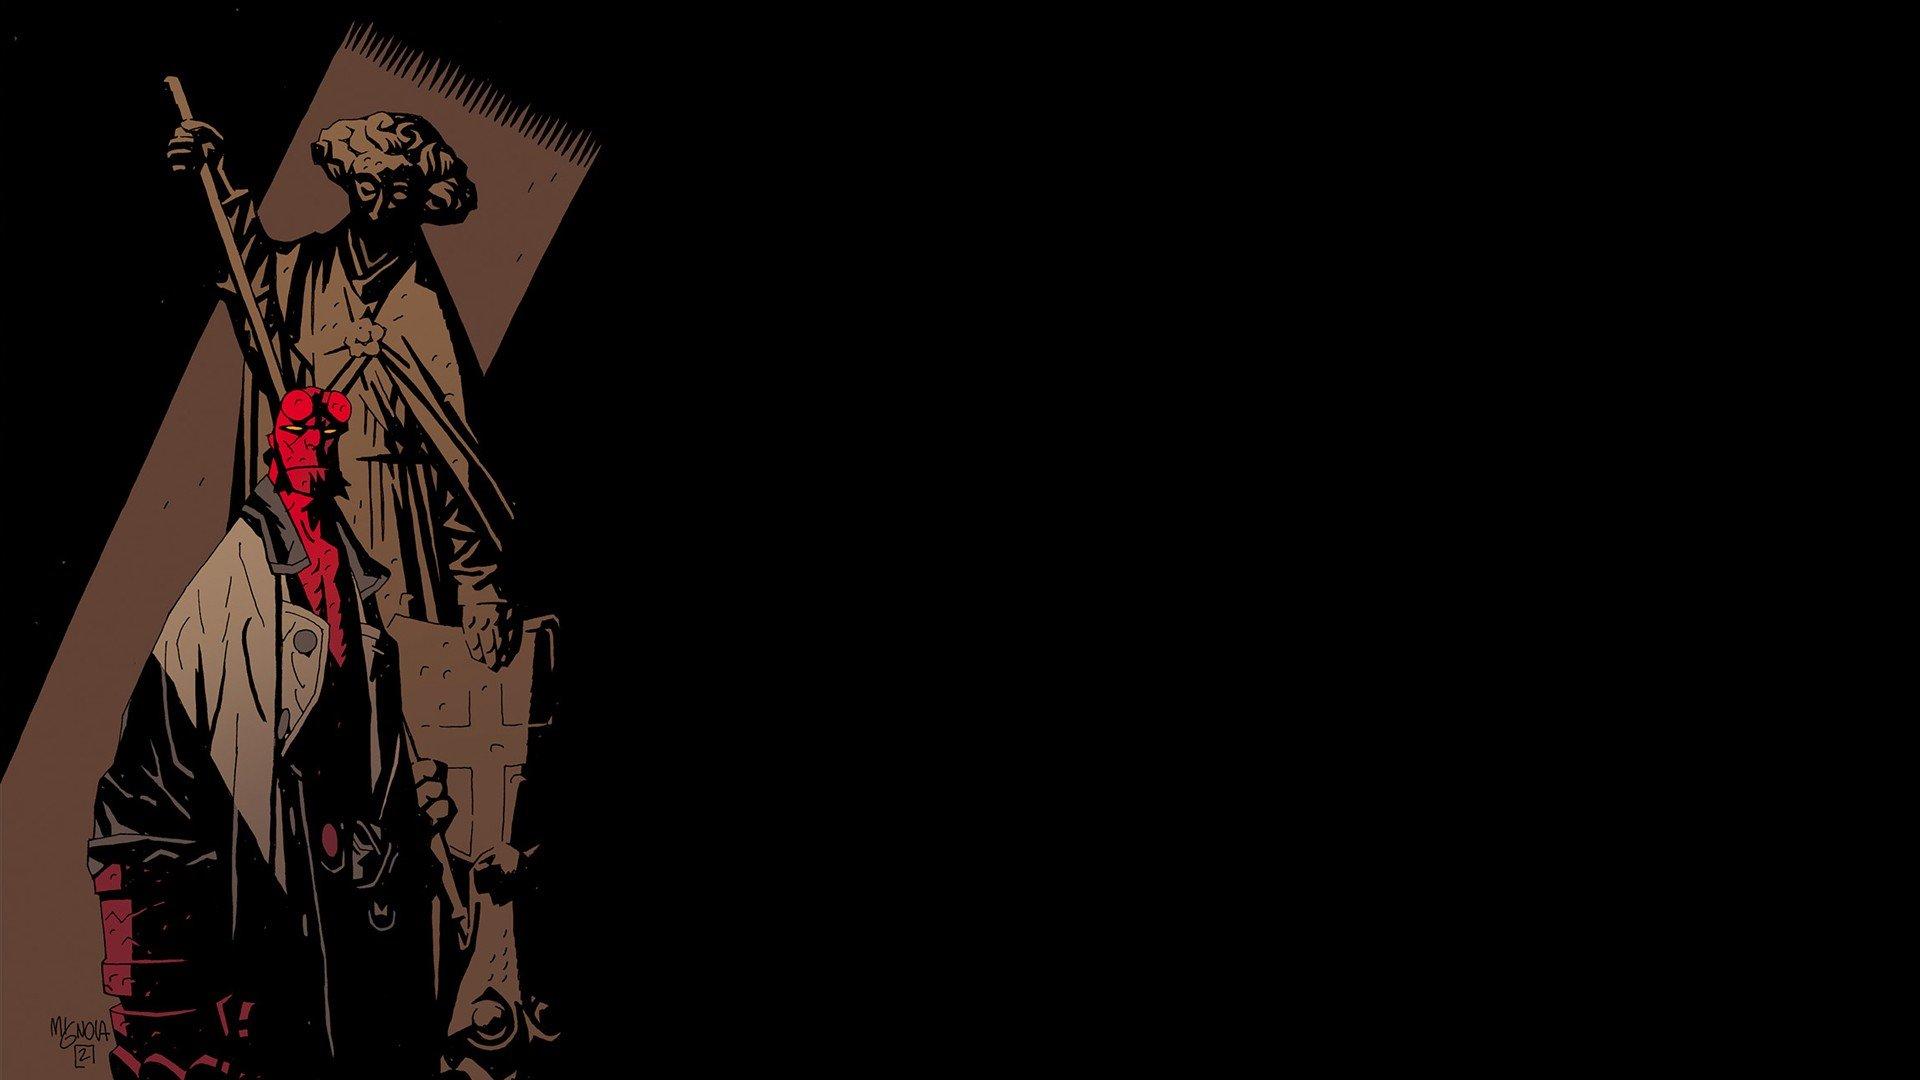 comics hellboy wallpaper 1920x1080 335107 wallpaperup